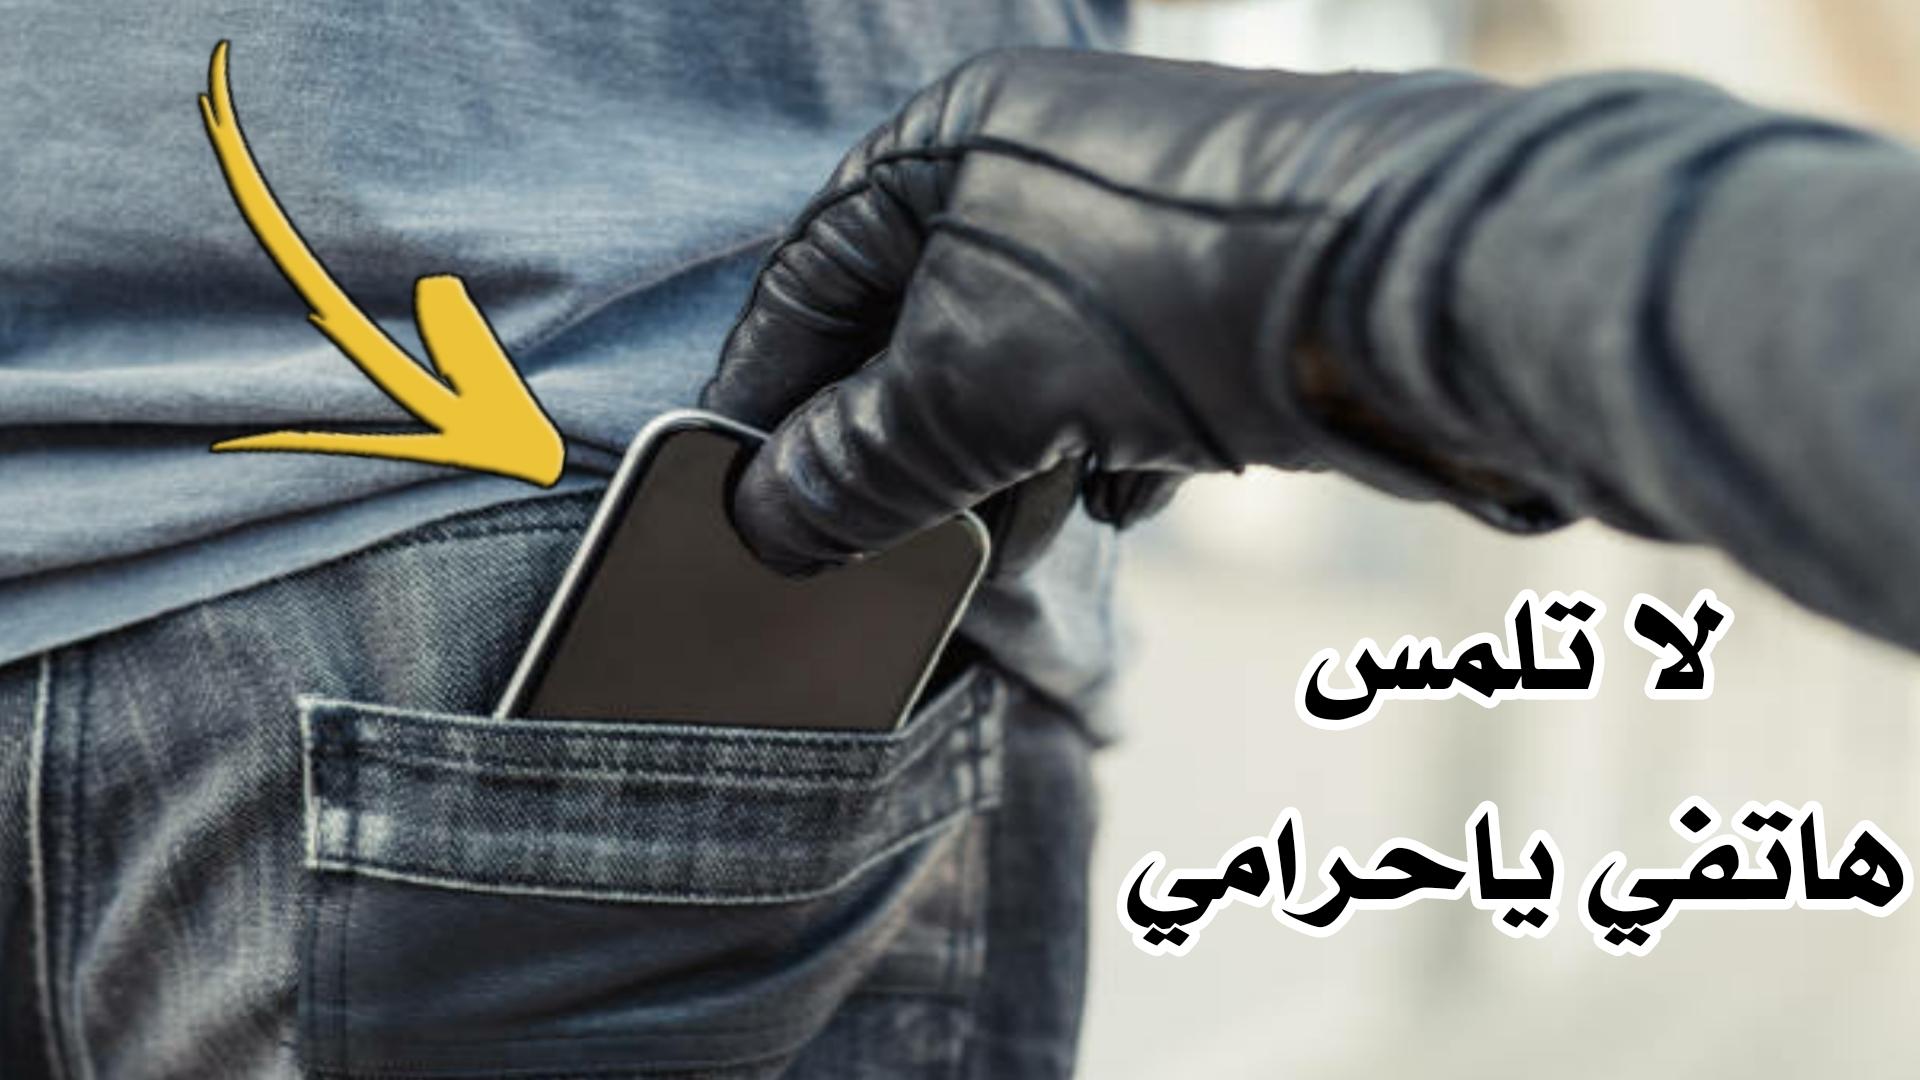 تطبيق حماية الهاتف من السرقة للاندرويد أياك أن تلمس هاتفي ياحرامي